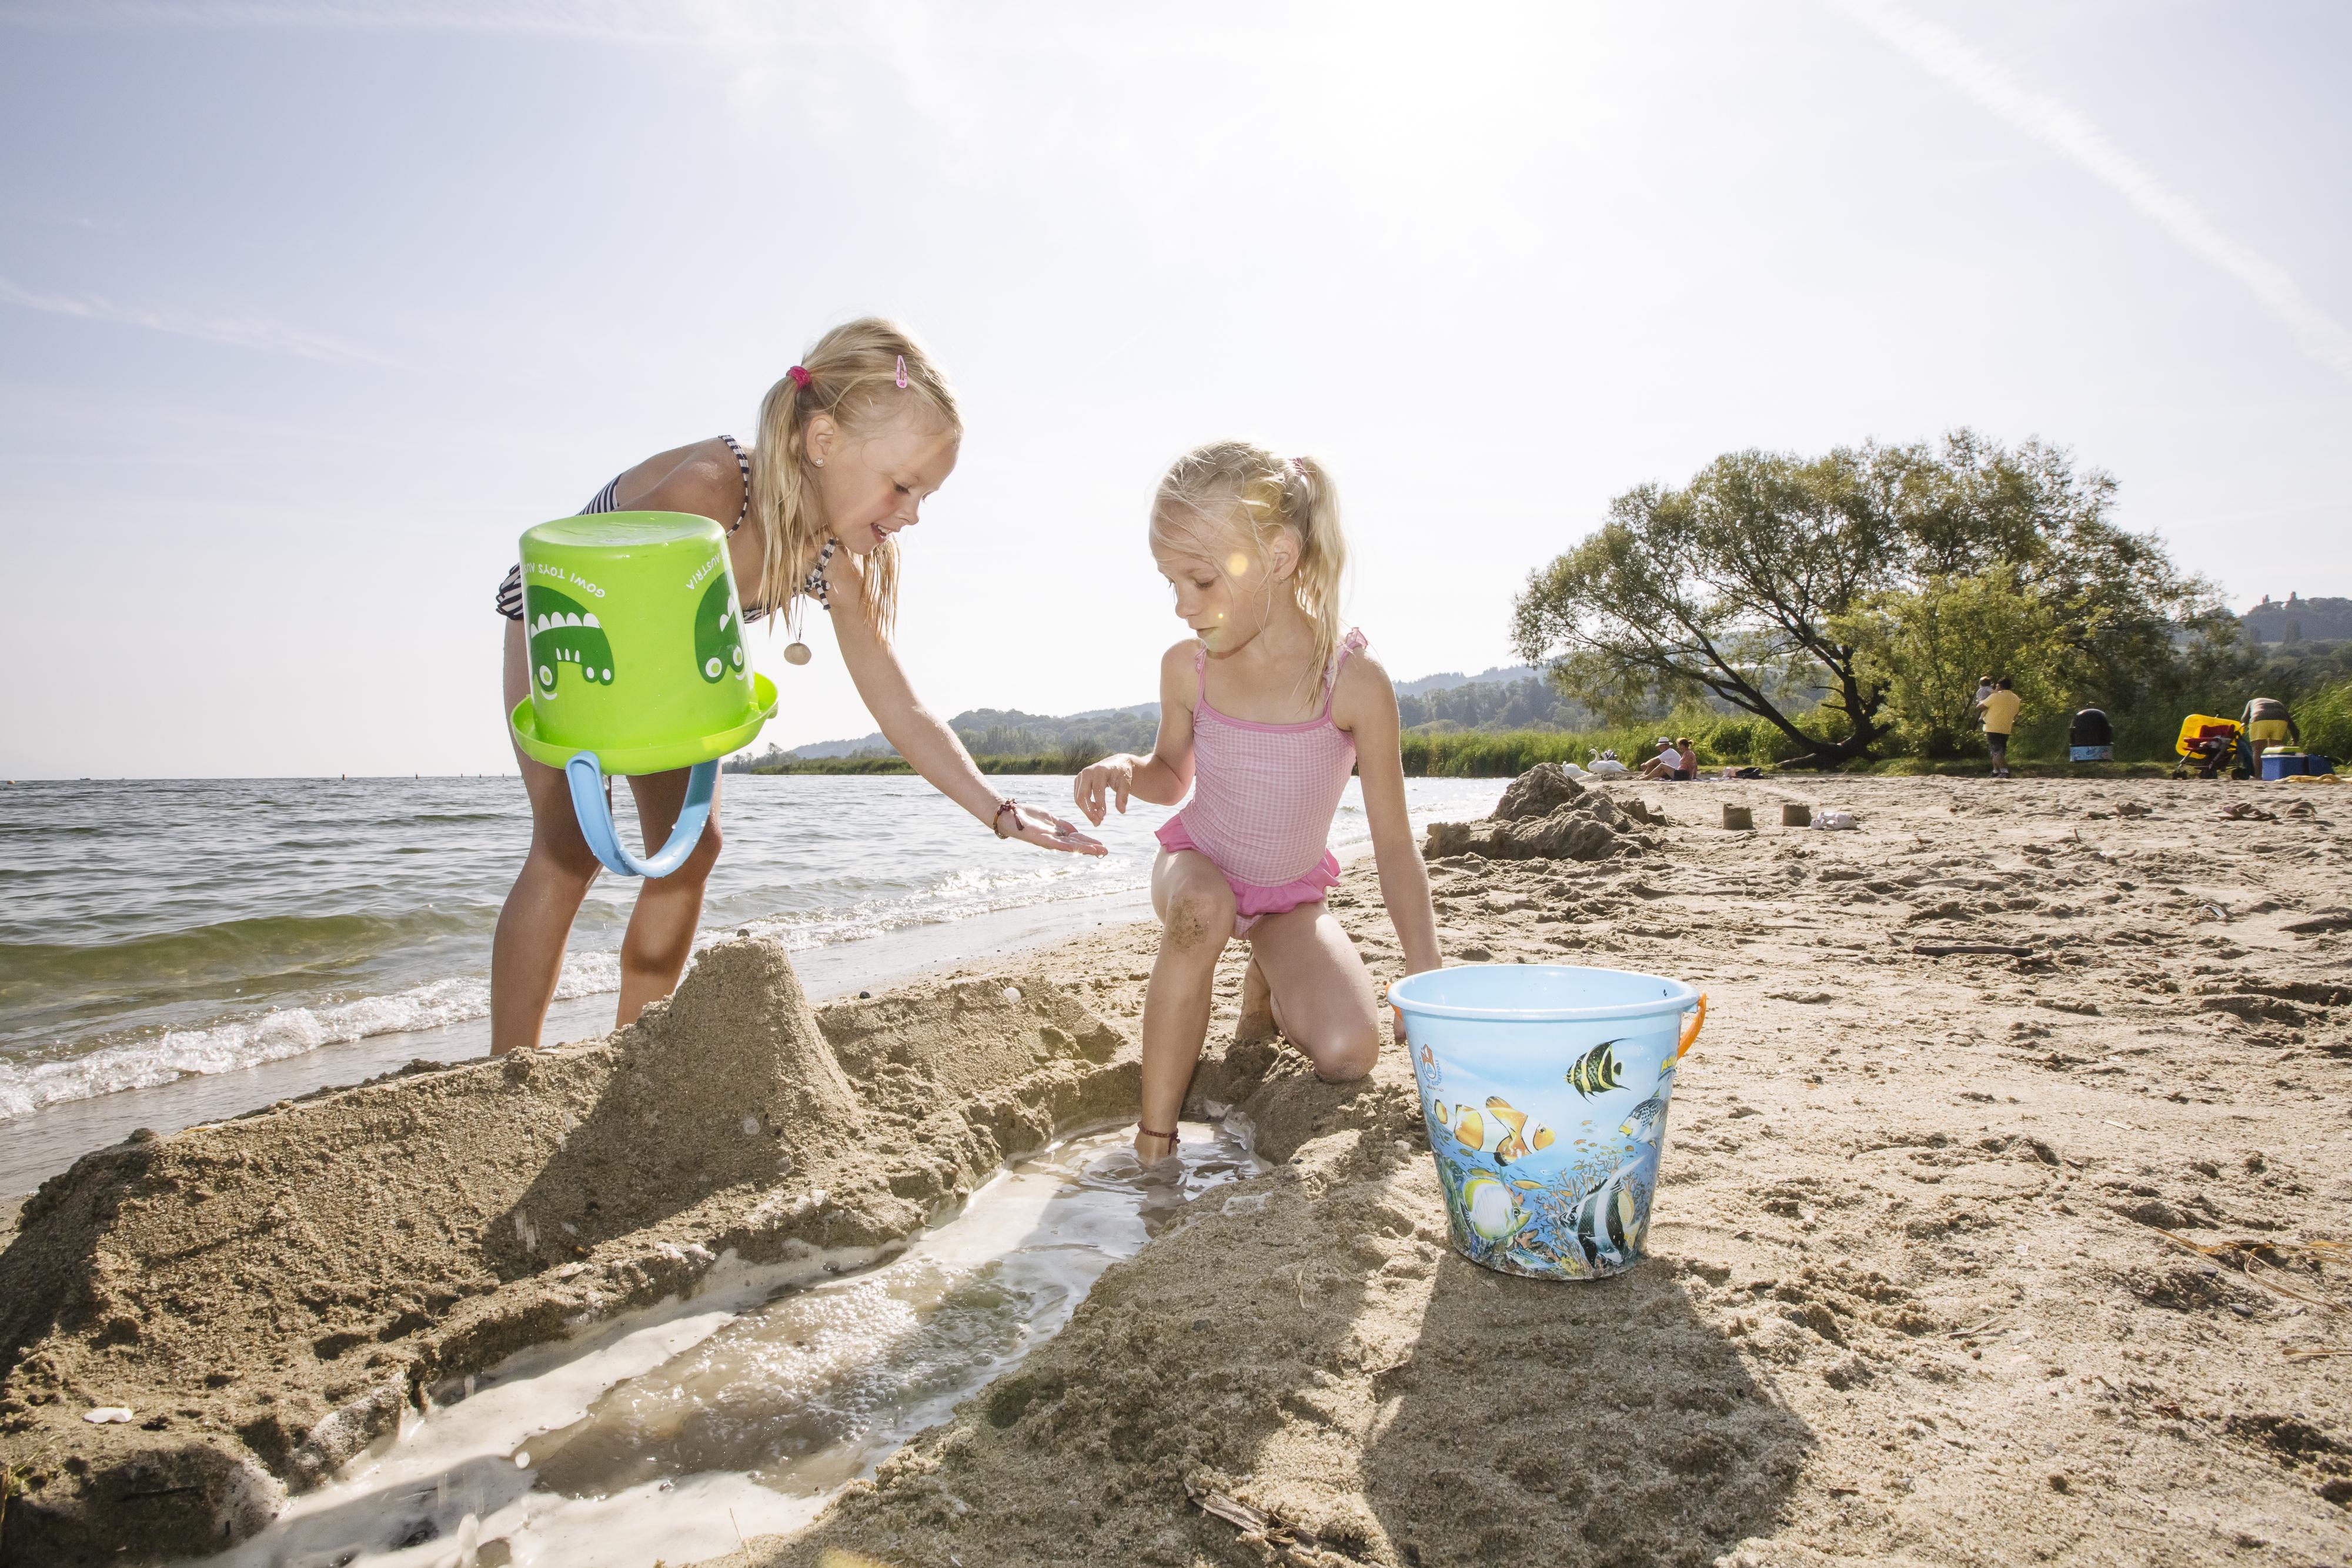 Bons plans pour vos vacances d'été en Suisse - Profitez d'activités fun pour toute la famille dans les lacs et rivières du canton de Vaud